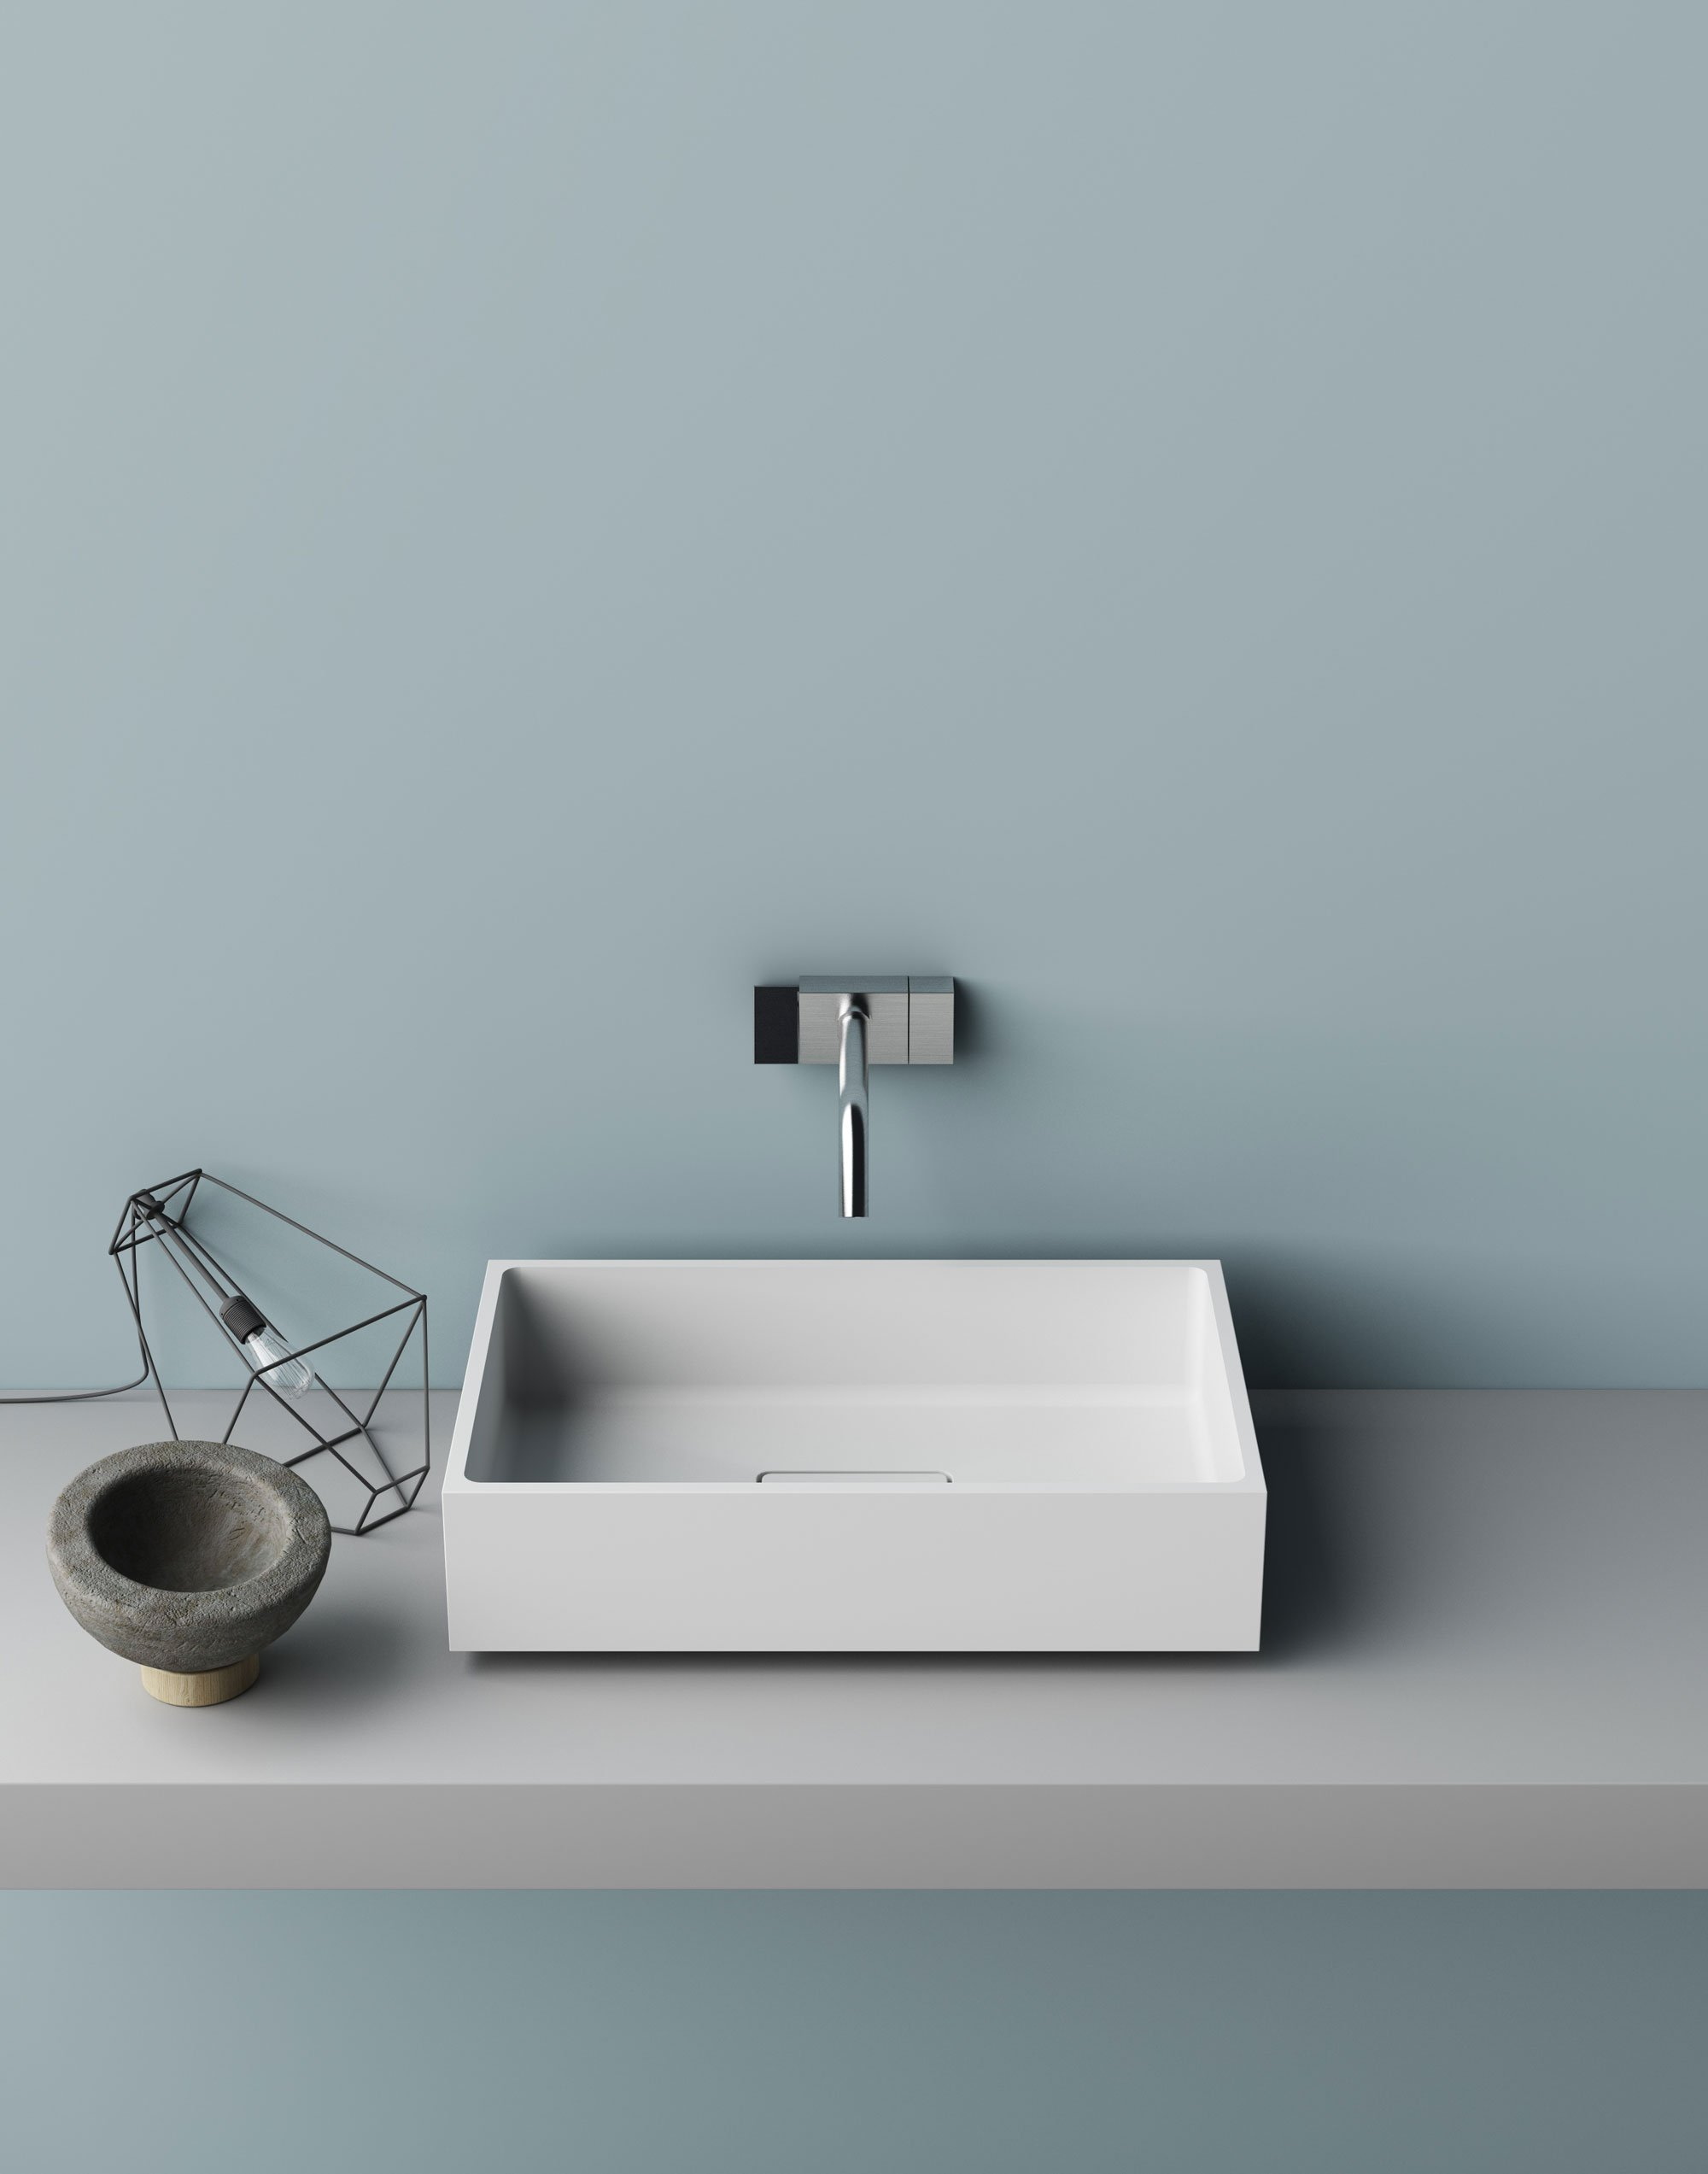 Lavabi d 39 appoggio su console per un bagno contemporaneo - Piano d appoggio per lavabo ...